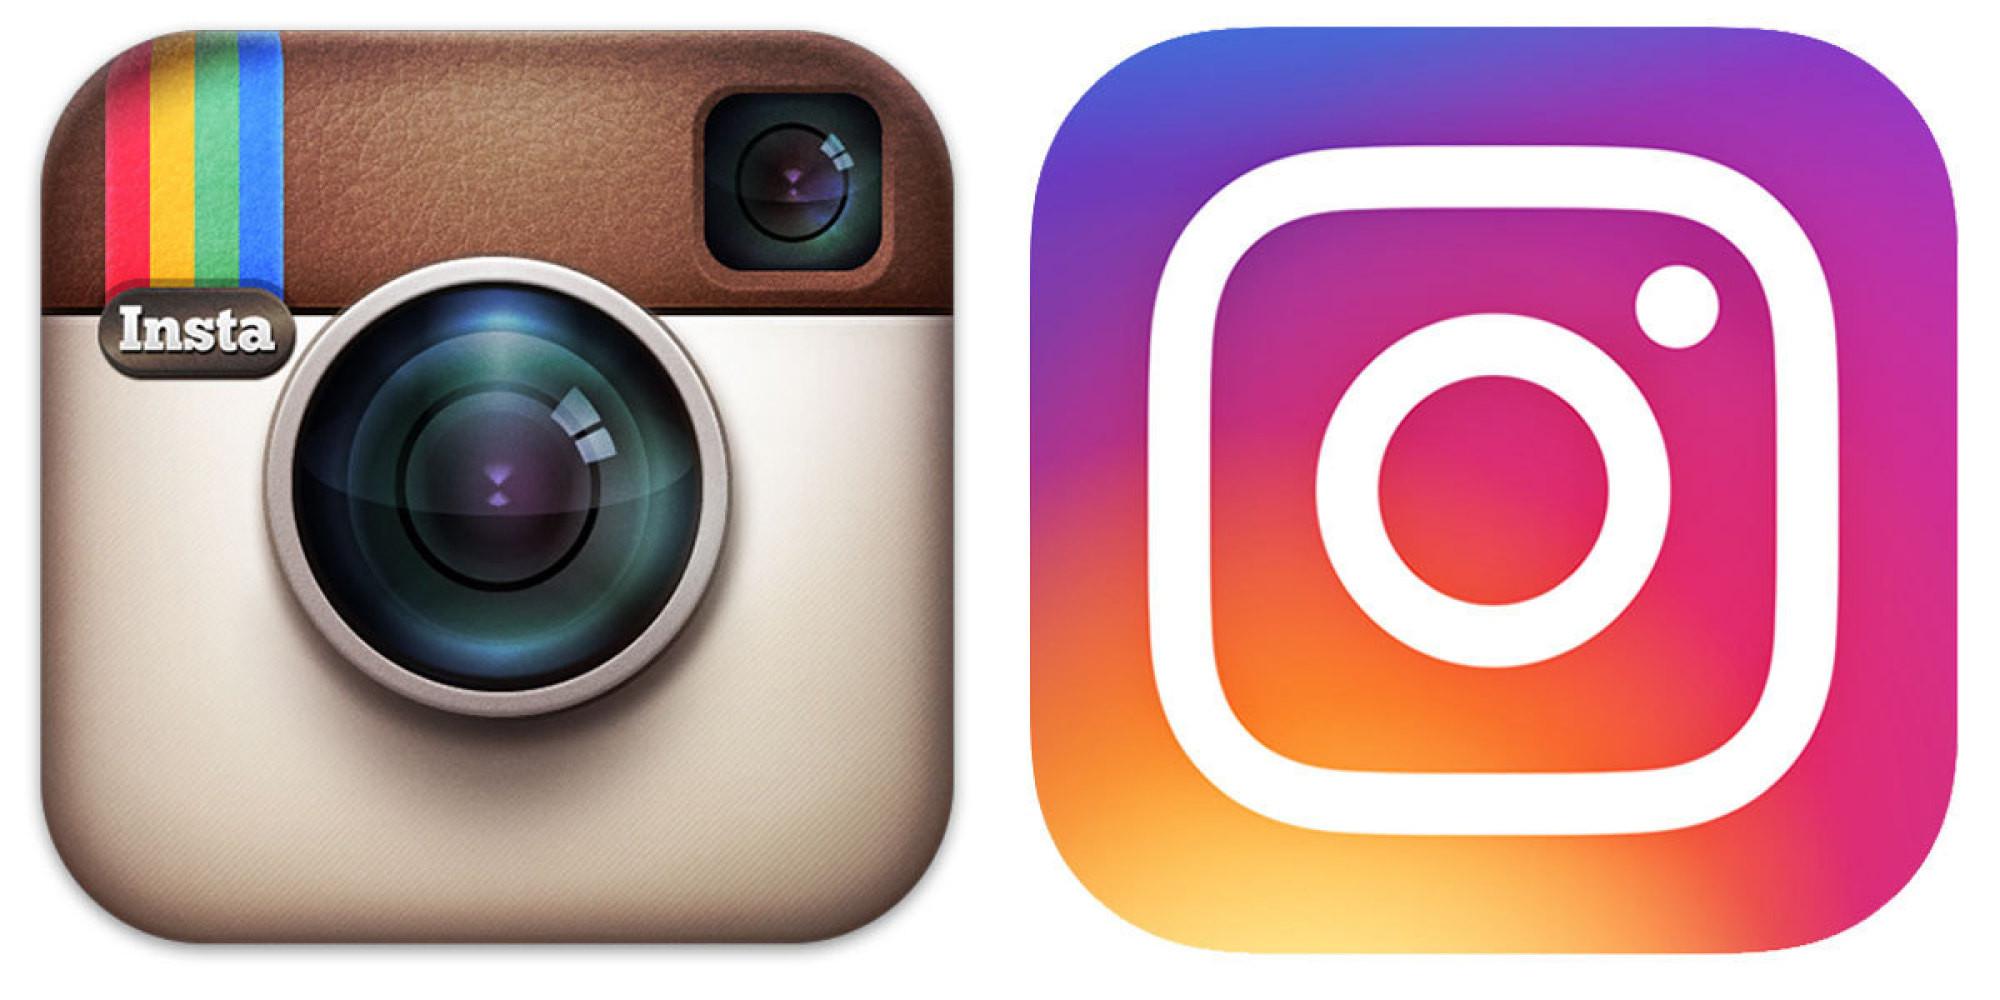 2000x1000 New Instagram Logo Vector